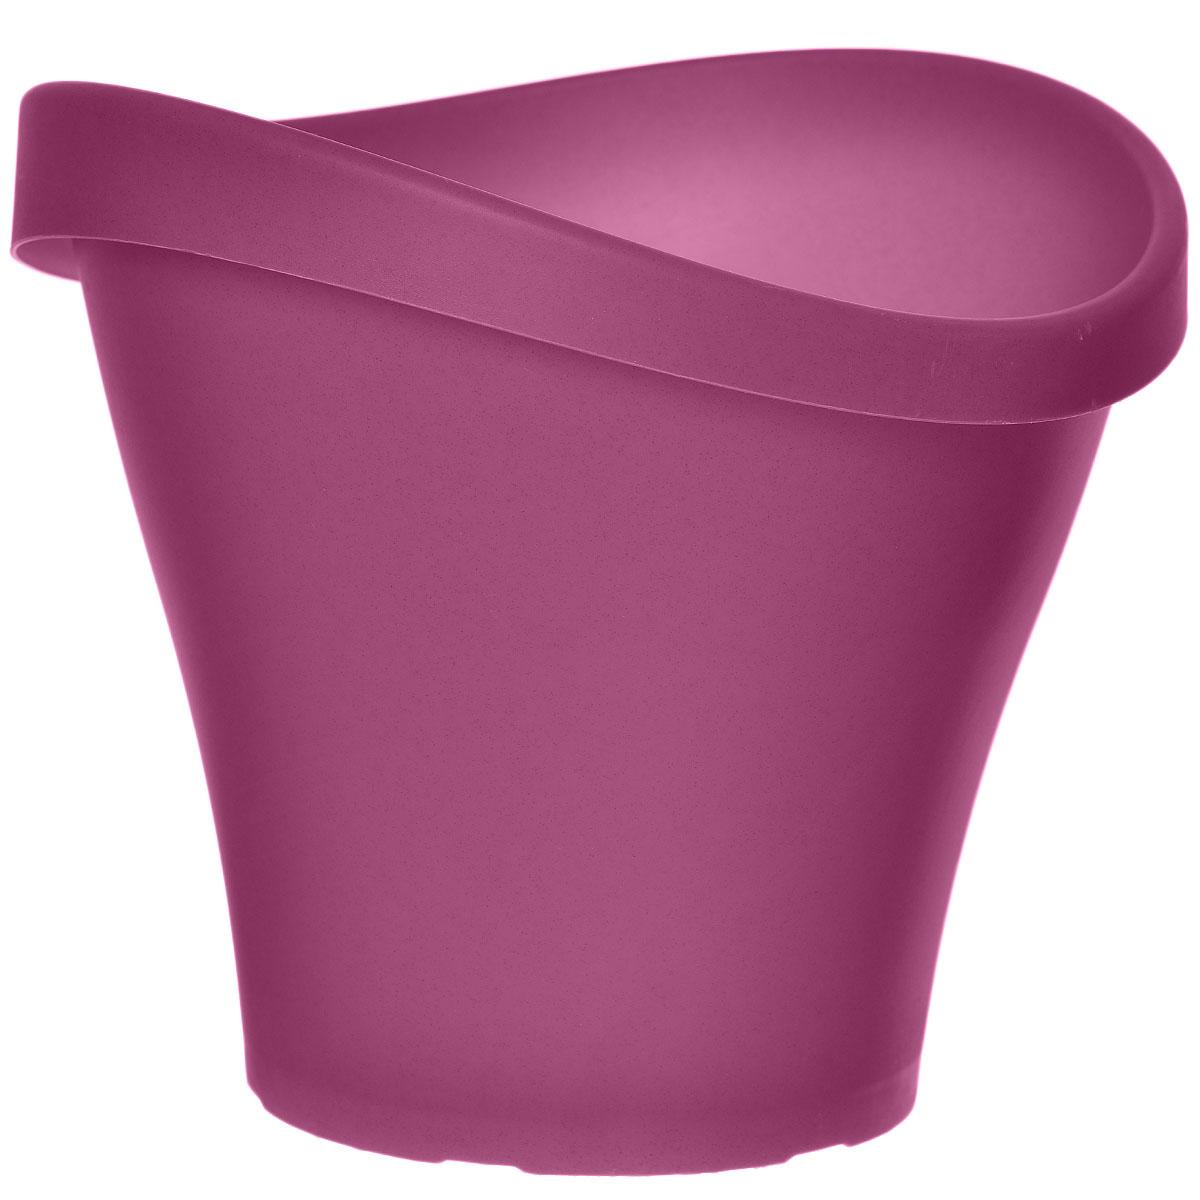 Кашпо для цветов Scheurich, цвет: натуральный рубиновый, 10 л53075SКашпо для цветов Scheurich выполнено из прочного пластика. Изделие предназначено для установки внутрь цветочных горшков с растениями. Такие изделия часто становятся последним штрихом, который совершенно изменяет интерьер помещения или ландшафтный дизайн сада. Благодаря такому кашпо вы сможете украсить вашу комнату, офис, сад и другие места. Размер: 33 см х 33 см х 30 см. Объем: 10 л.